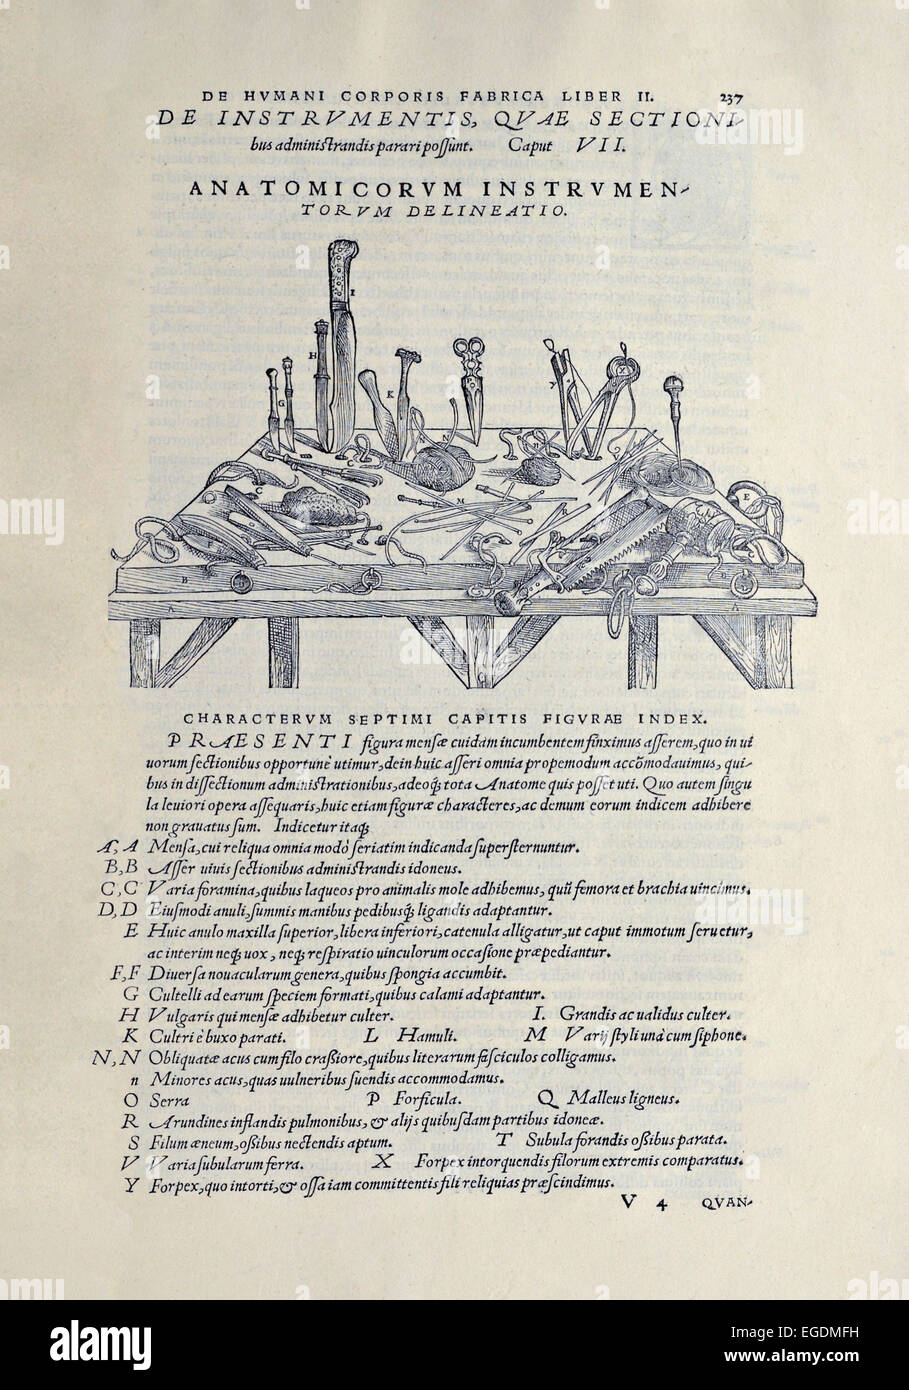 Los instrumentos quirúrgicos utilizados en la disección de cadáveres ...